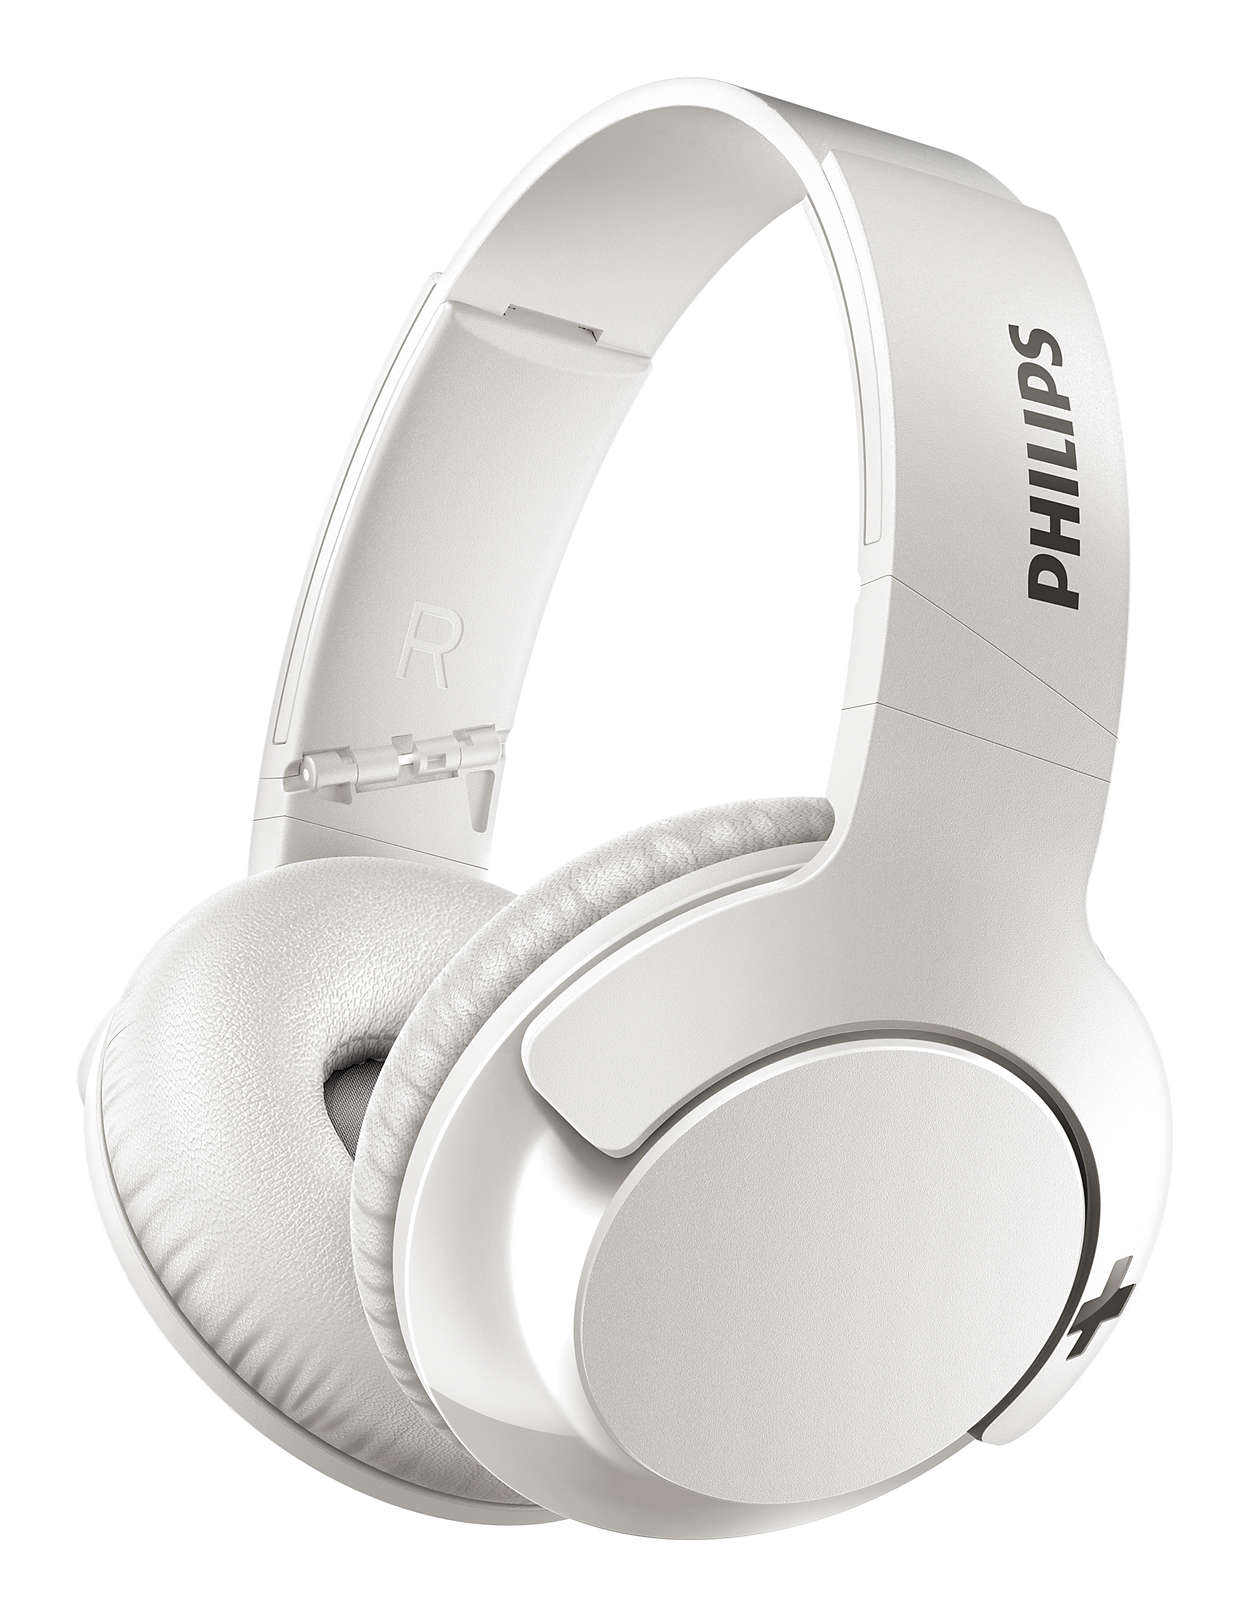 Reviewed Philips Bass Over Ear Shb3175 Headphones Travgear Com